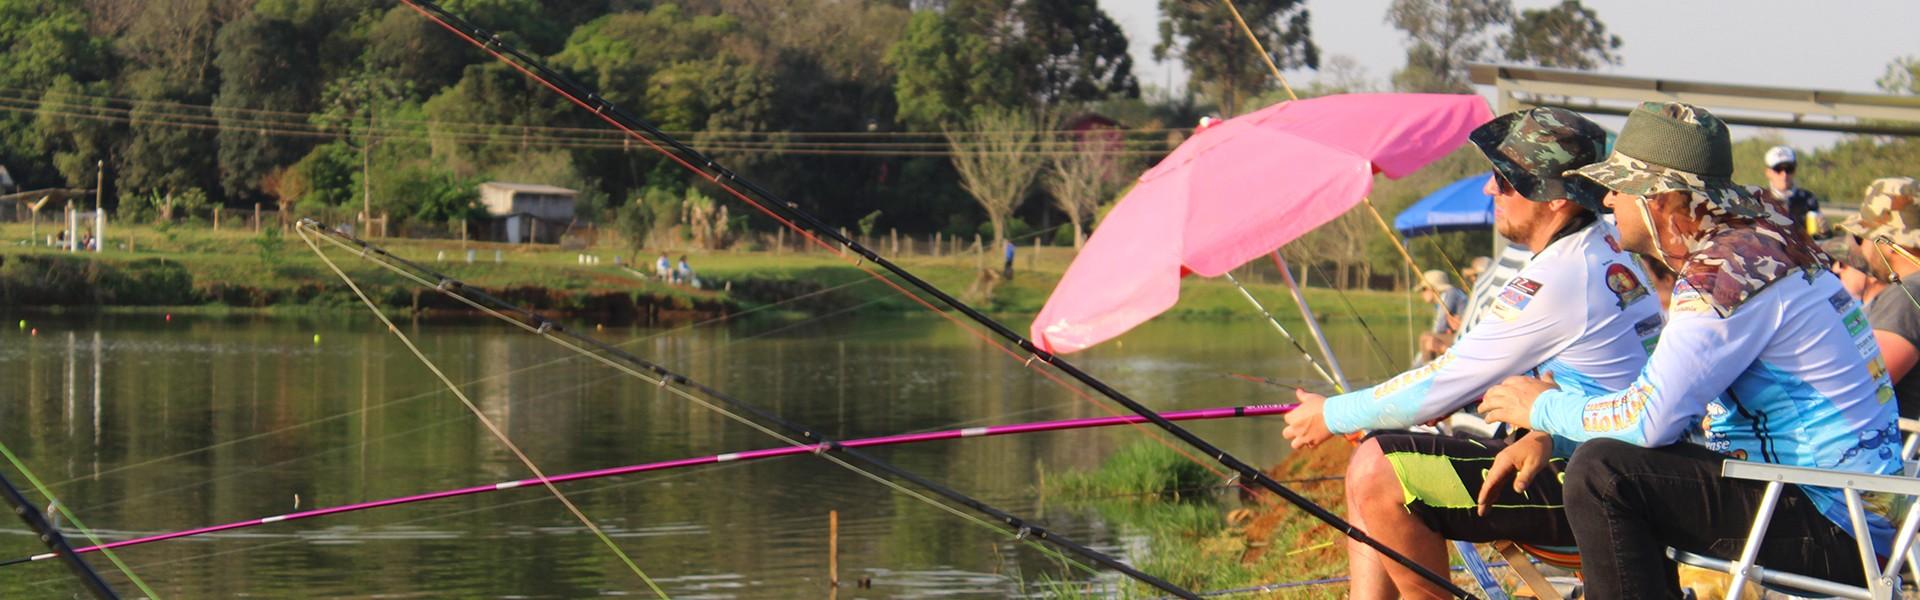 Desafio de Pesca reuniu 60 duplas em Guatambu, SC